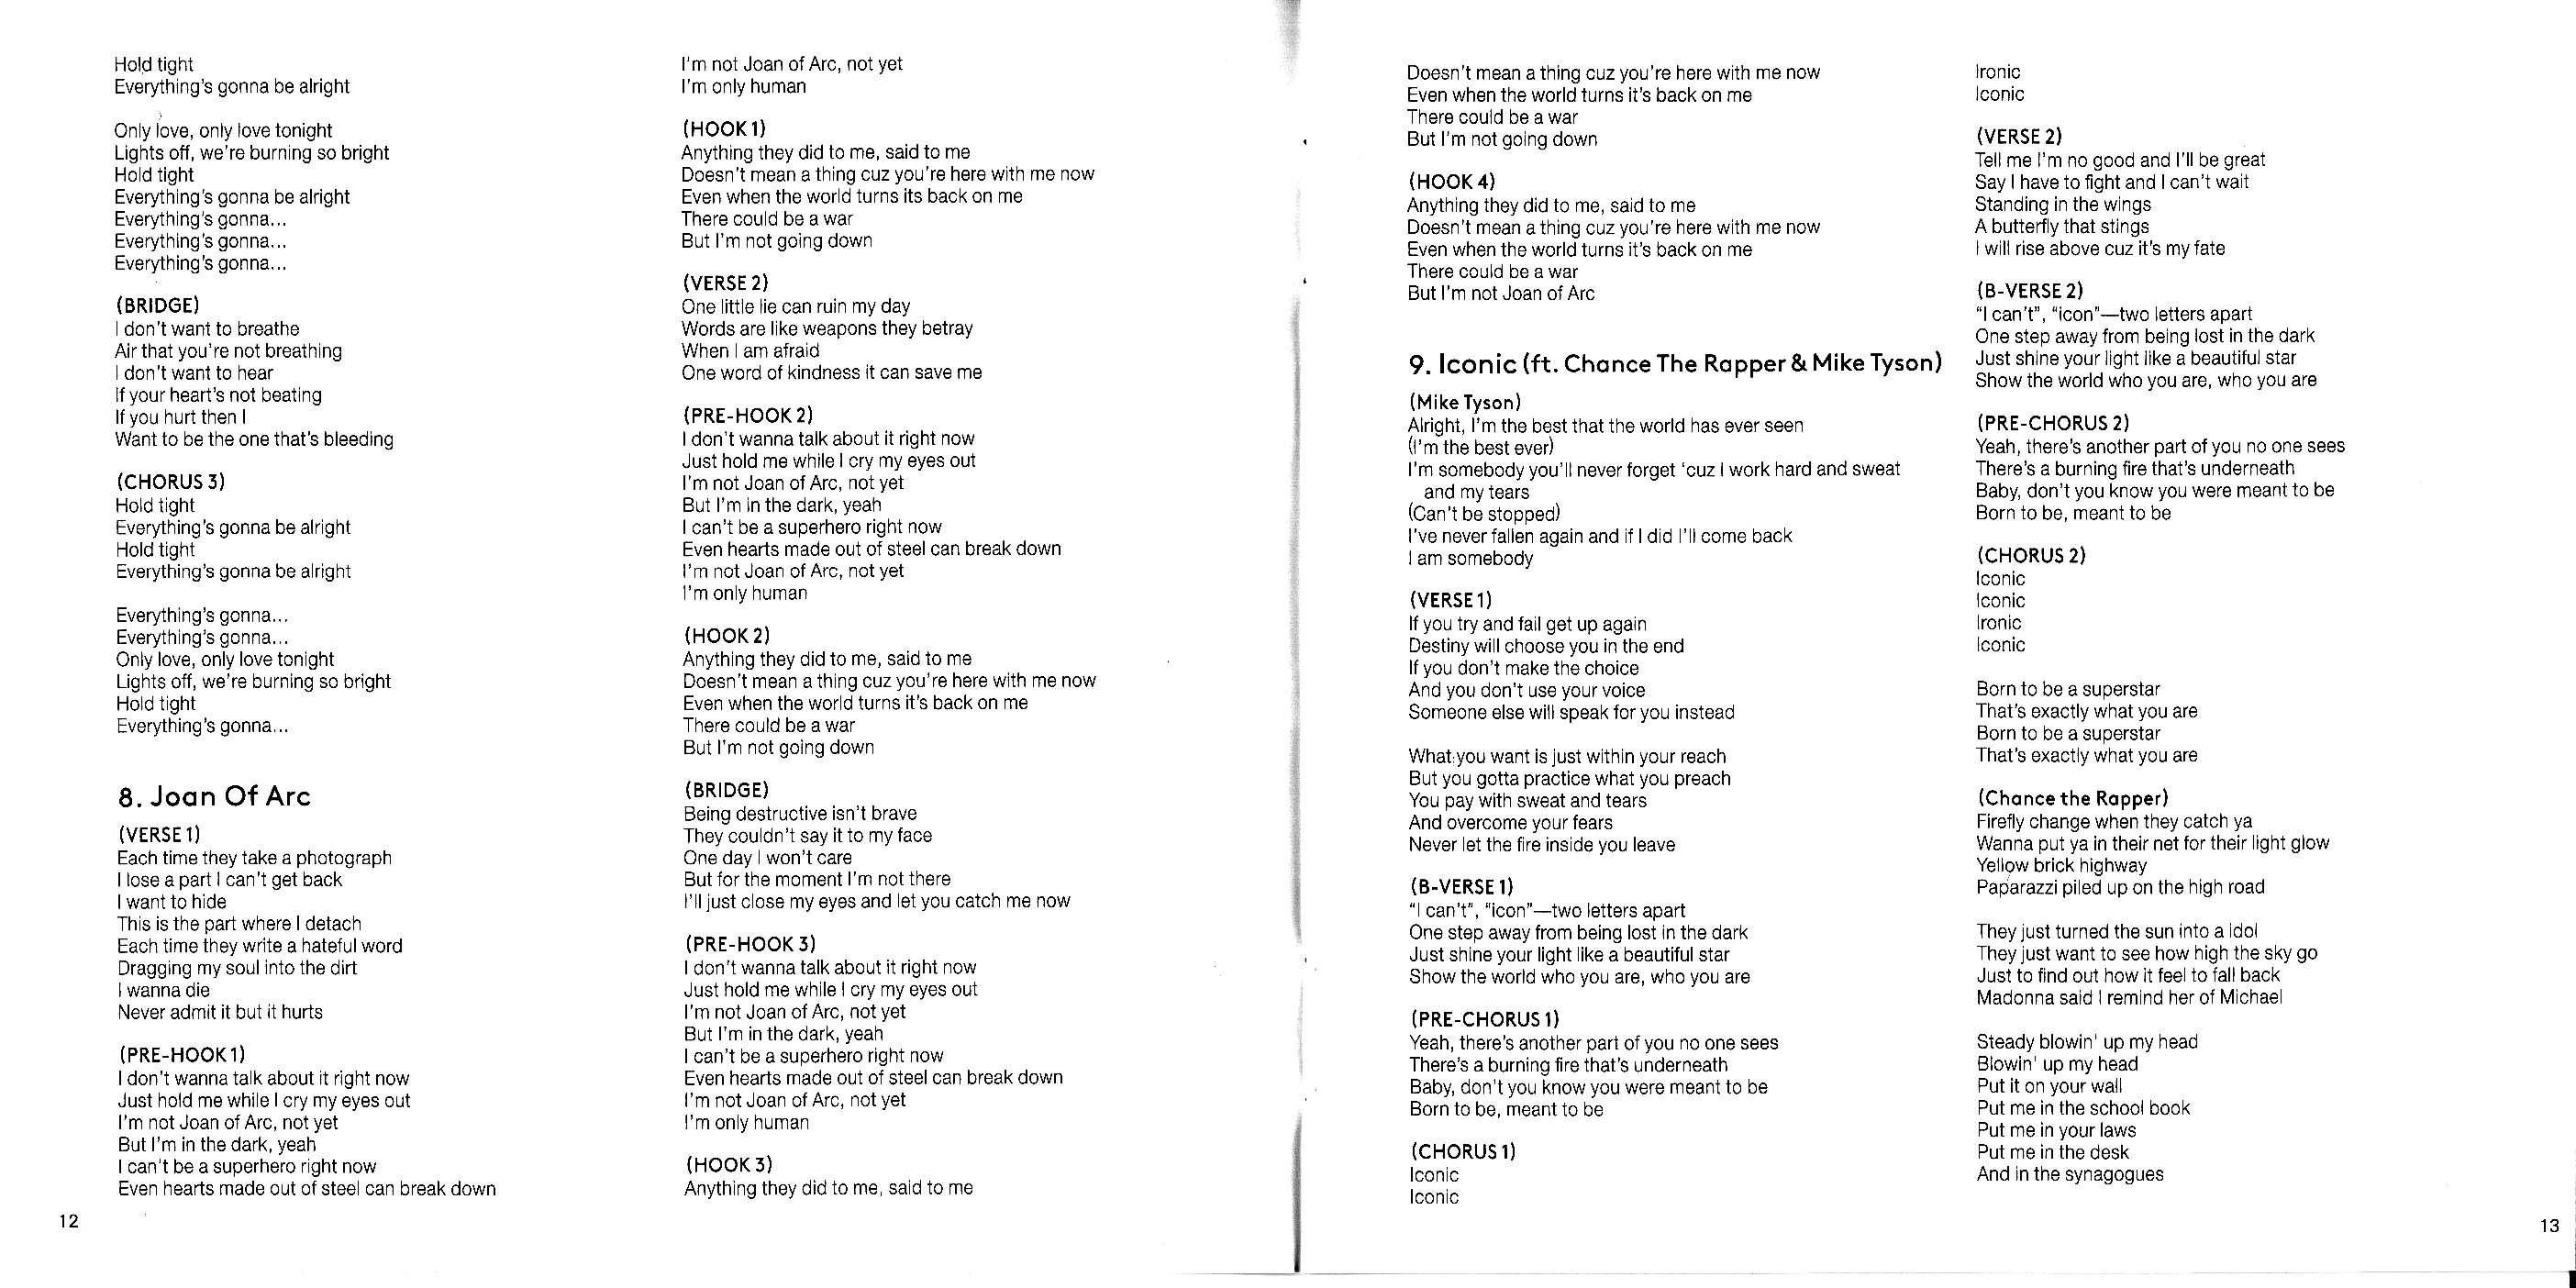 Madonna Rebel Heart Japanese Version - Scans (17)